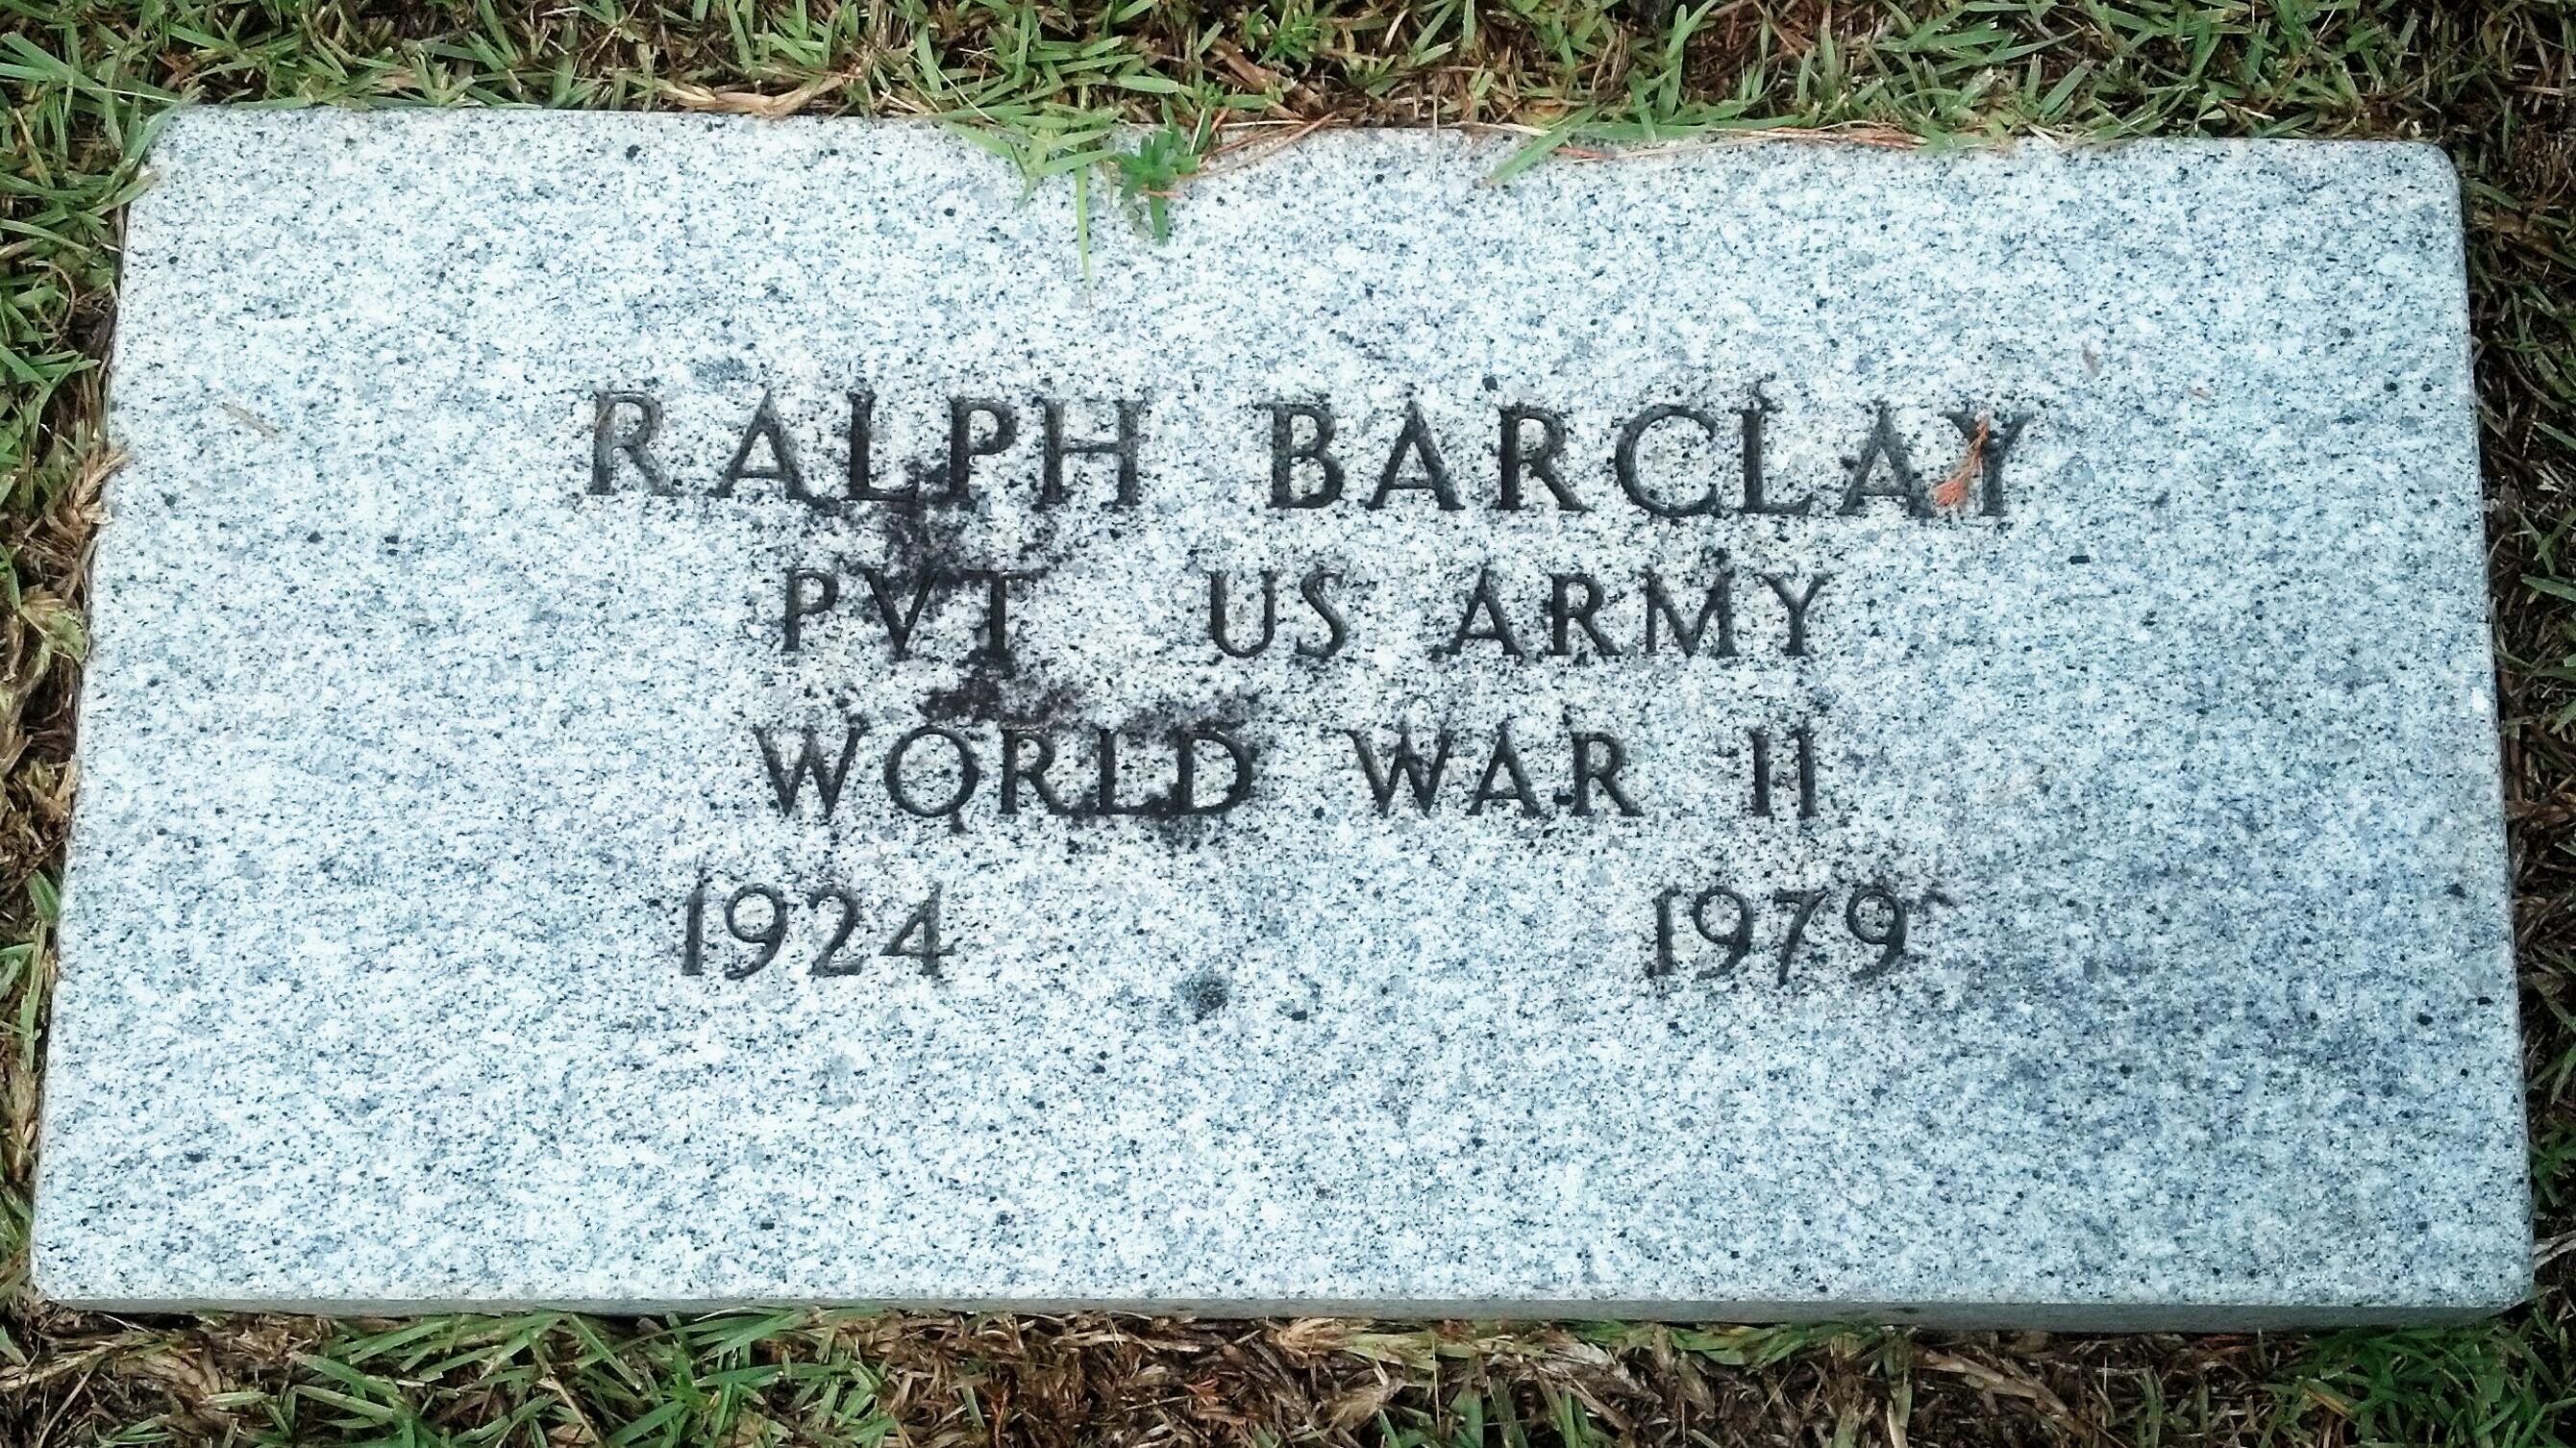 Ralph Barclay